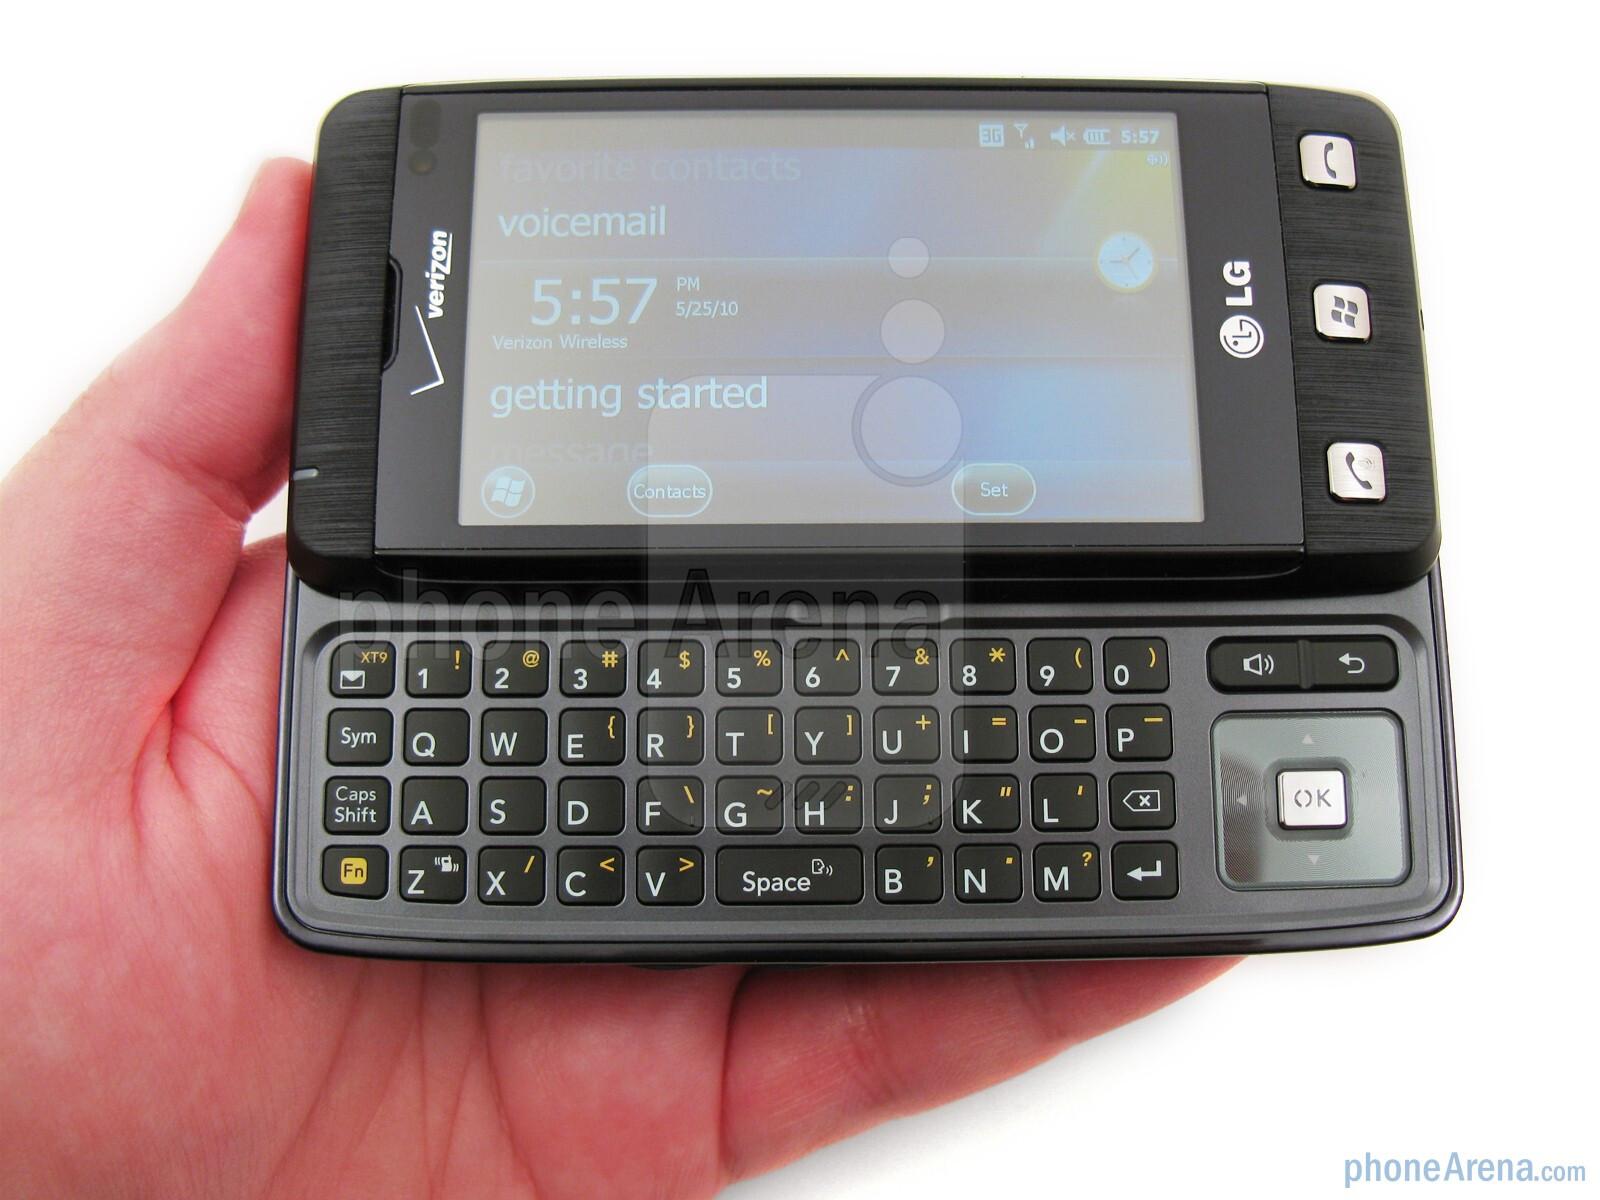 lg fathom vs750 review rh phonearena com Manual for Verizon LG LG Phones Manual Guide